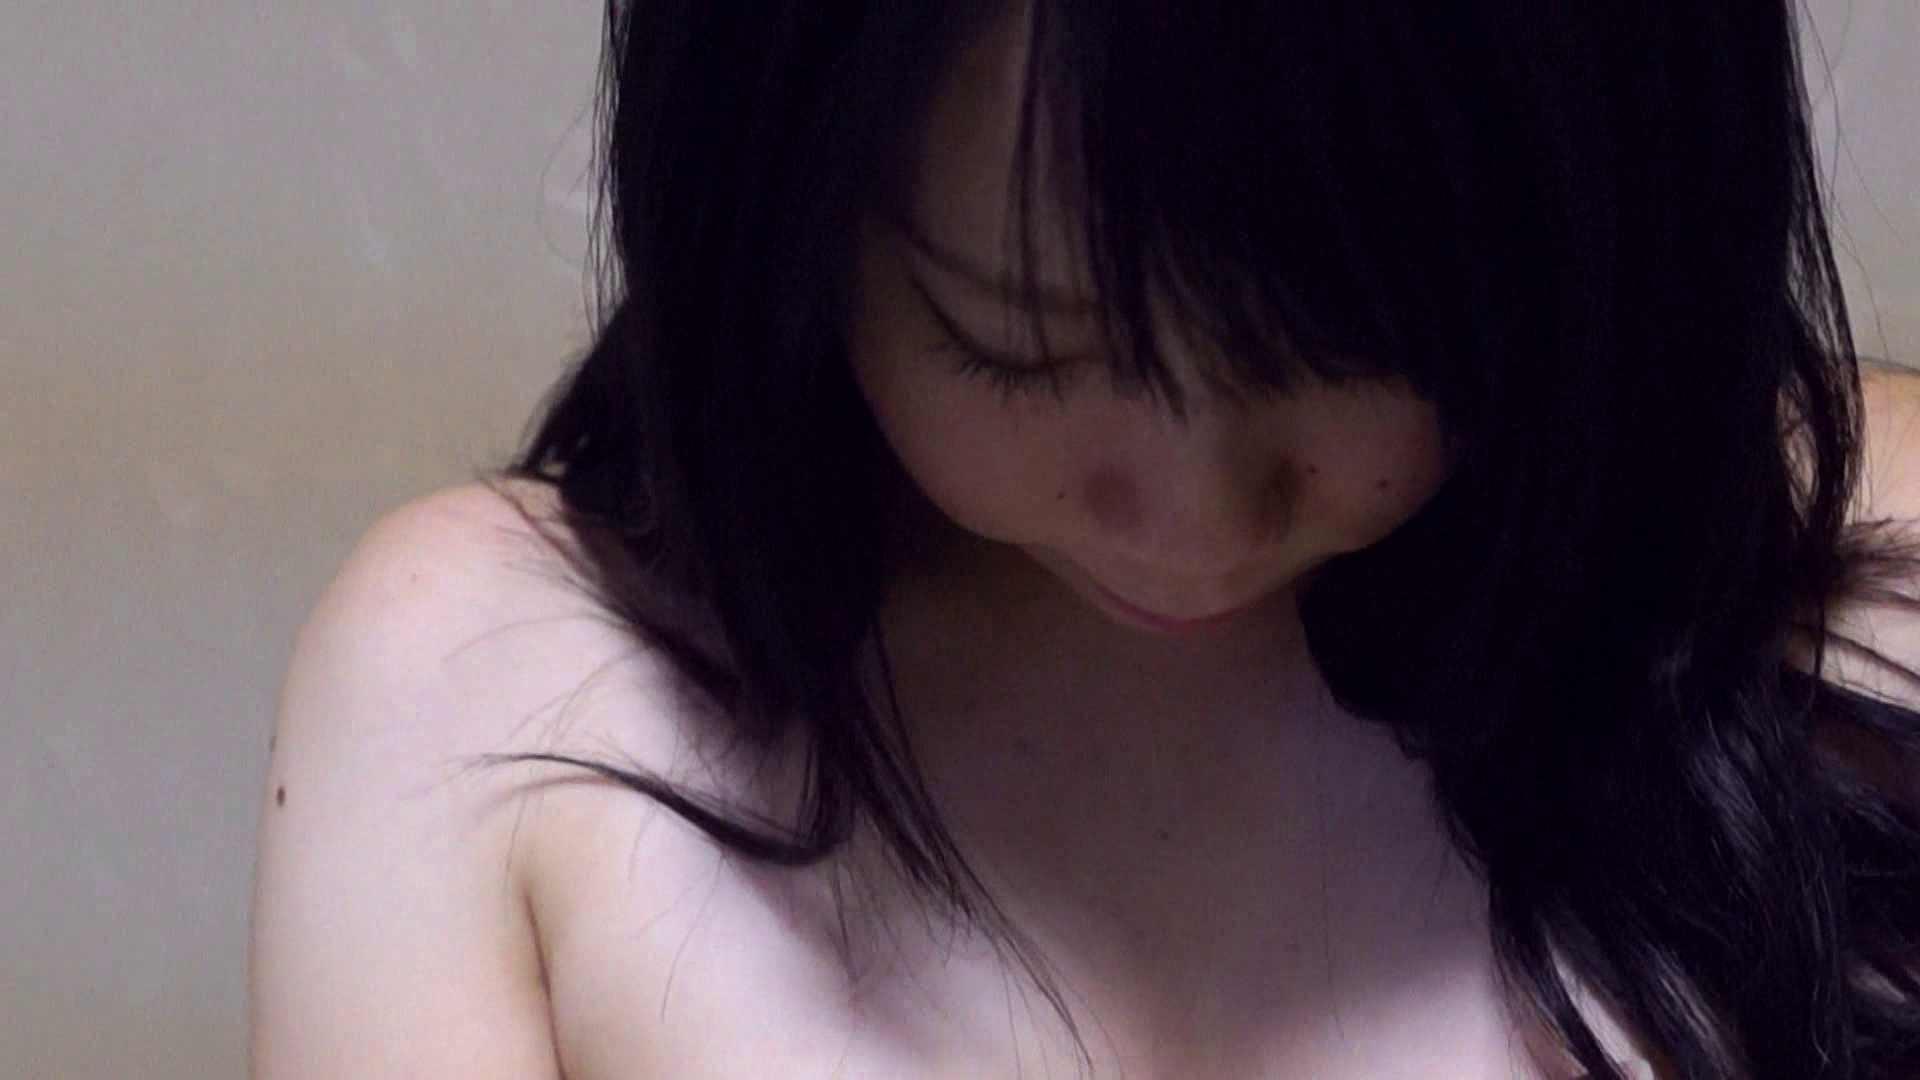 無修正エロ動画:vol.3 由理ちゃんは一体何を思うのでしょう・・・上半身をアラワに:大奥